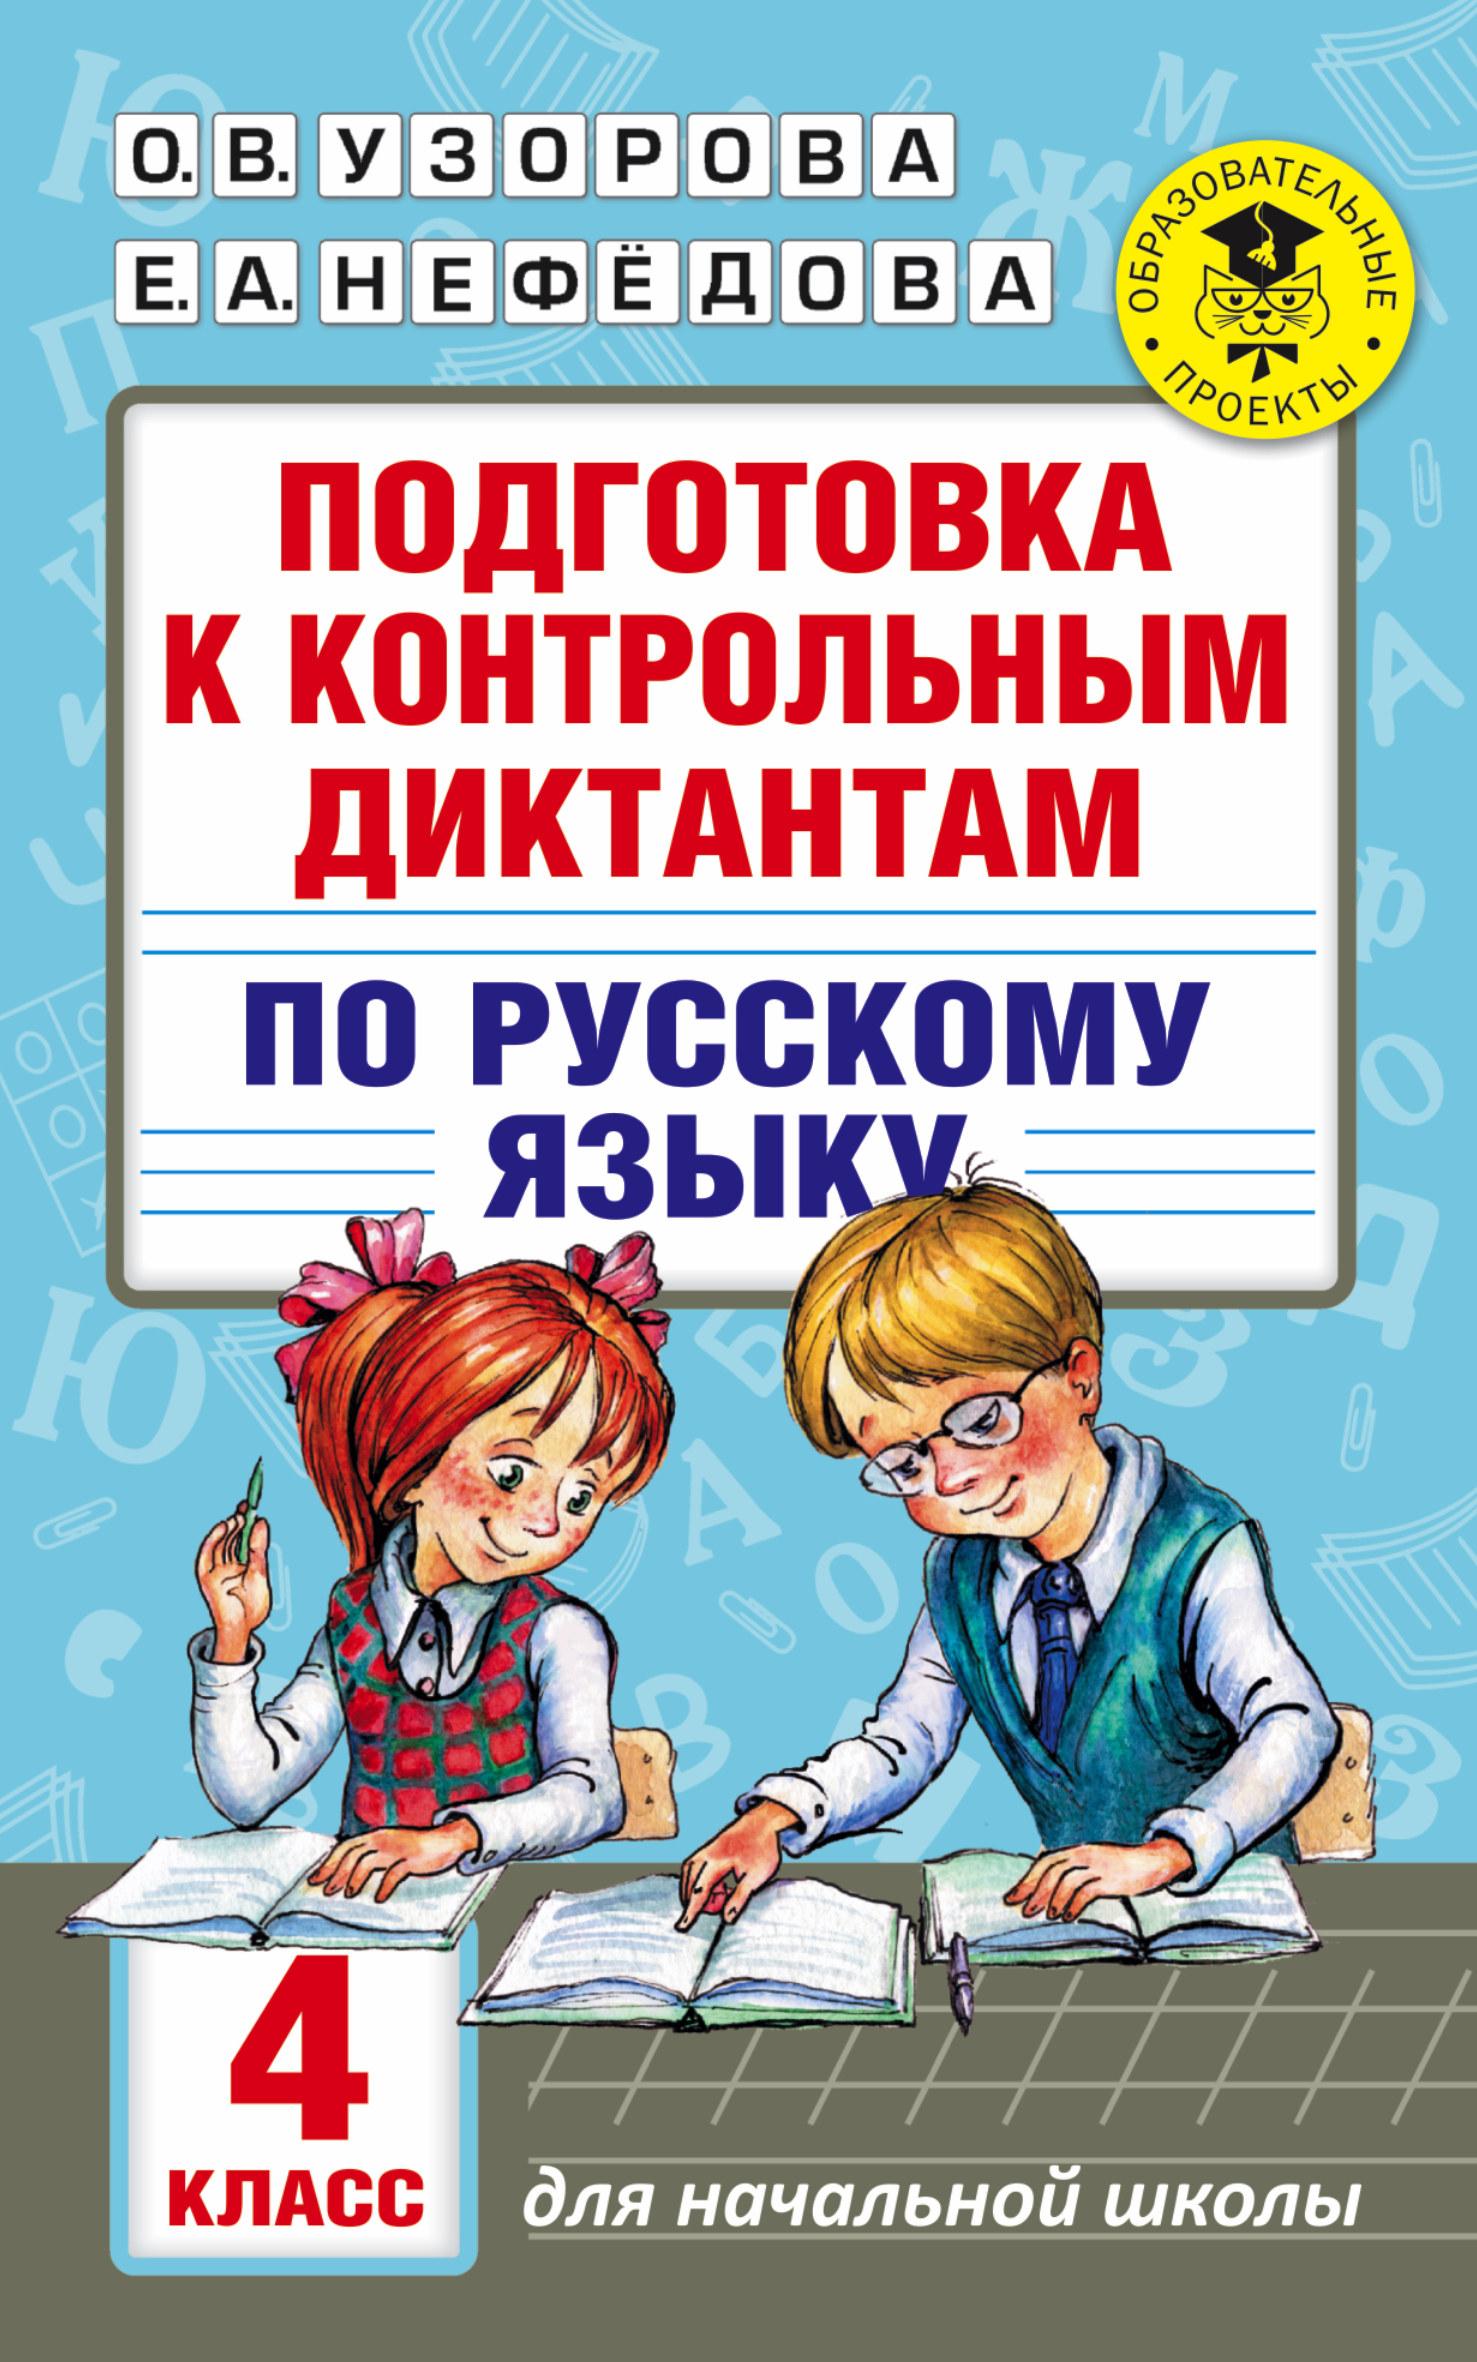 Подготовка к контрольным Диктантам по Русскому Языку, 4 класс